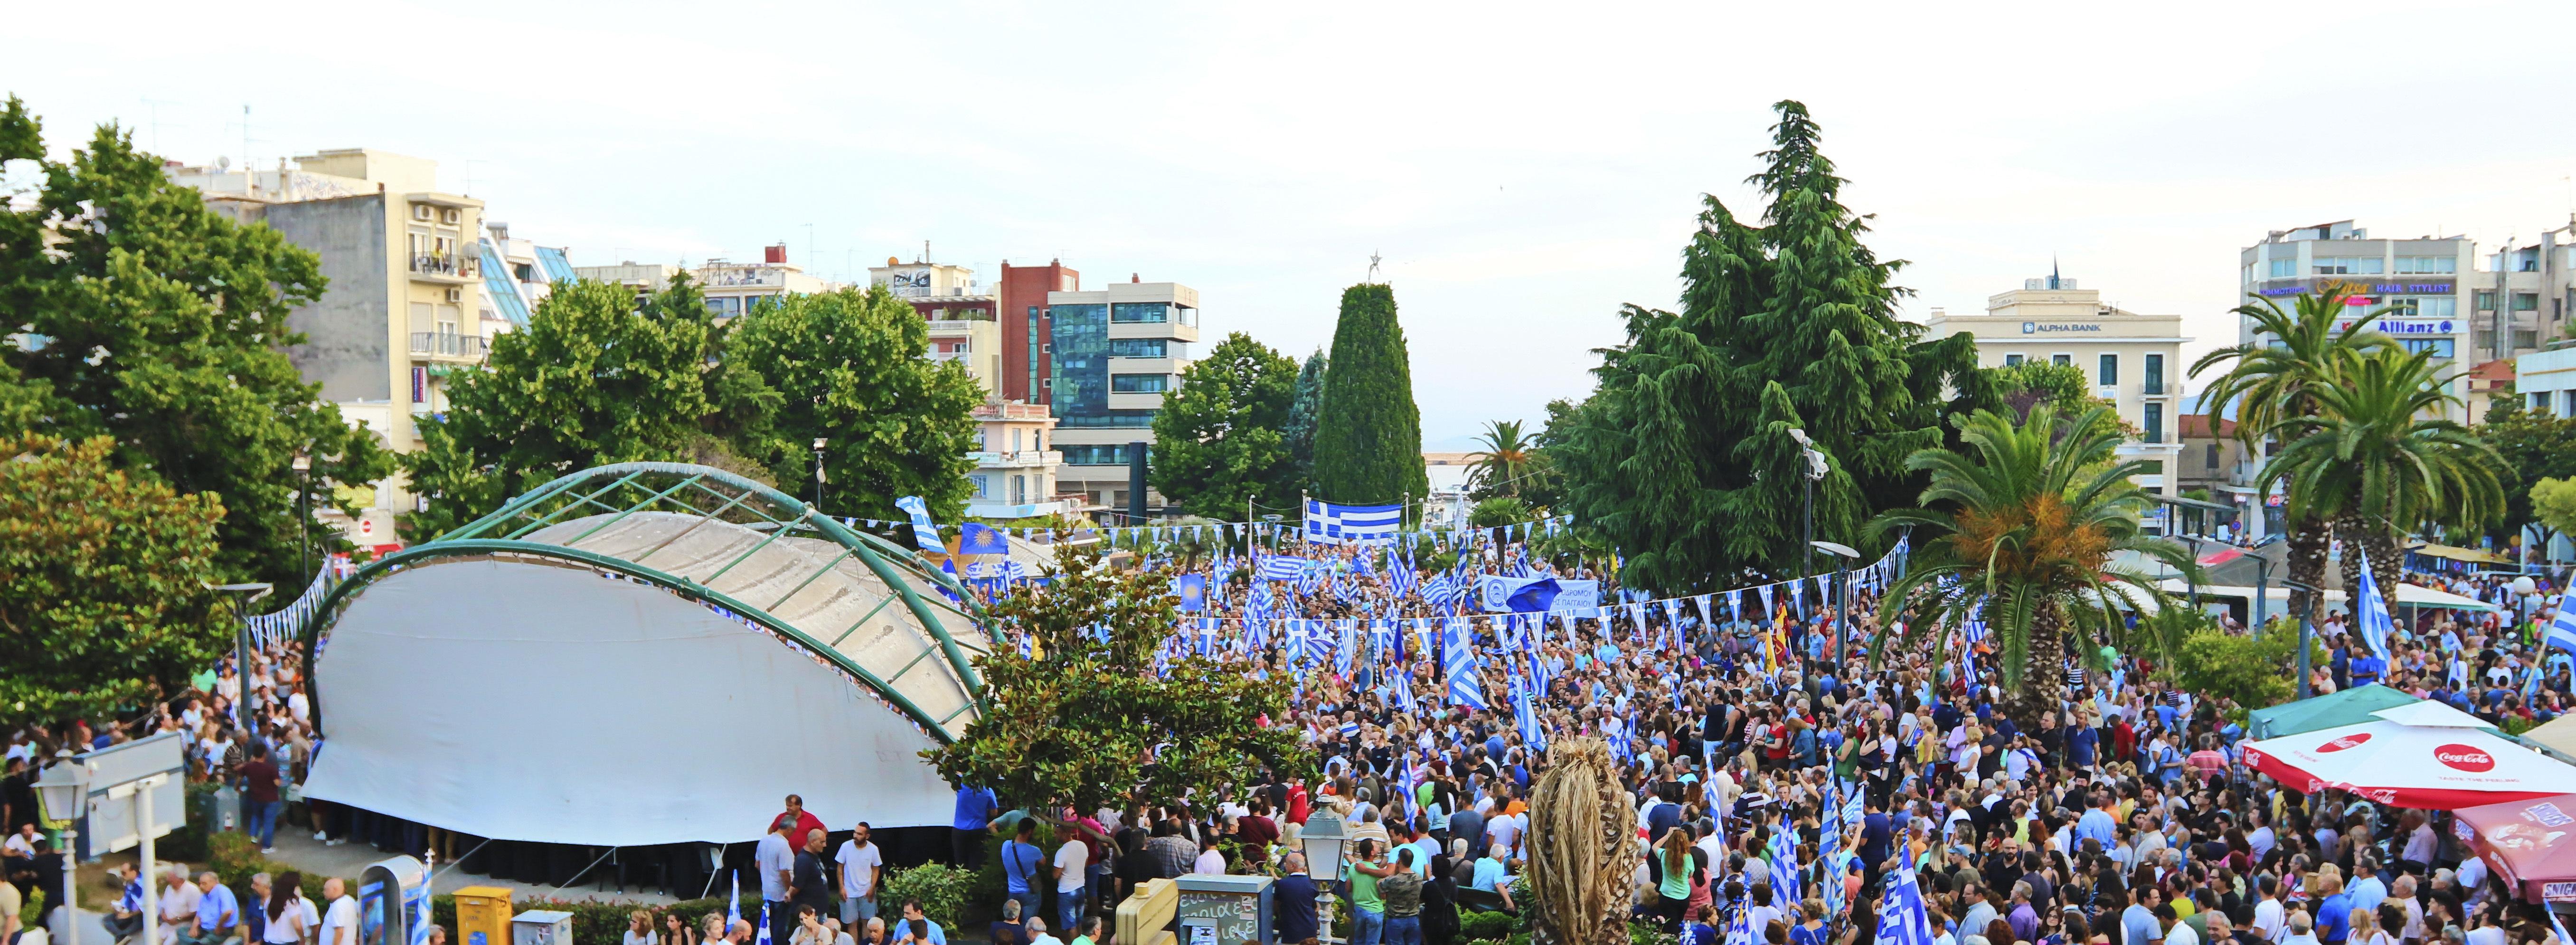 chiliades-diadilosan-gia-ti-makedonia-se-23-poleis-tis-choras-fotografies-amp-8211-vinteo31